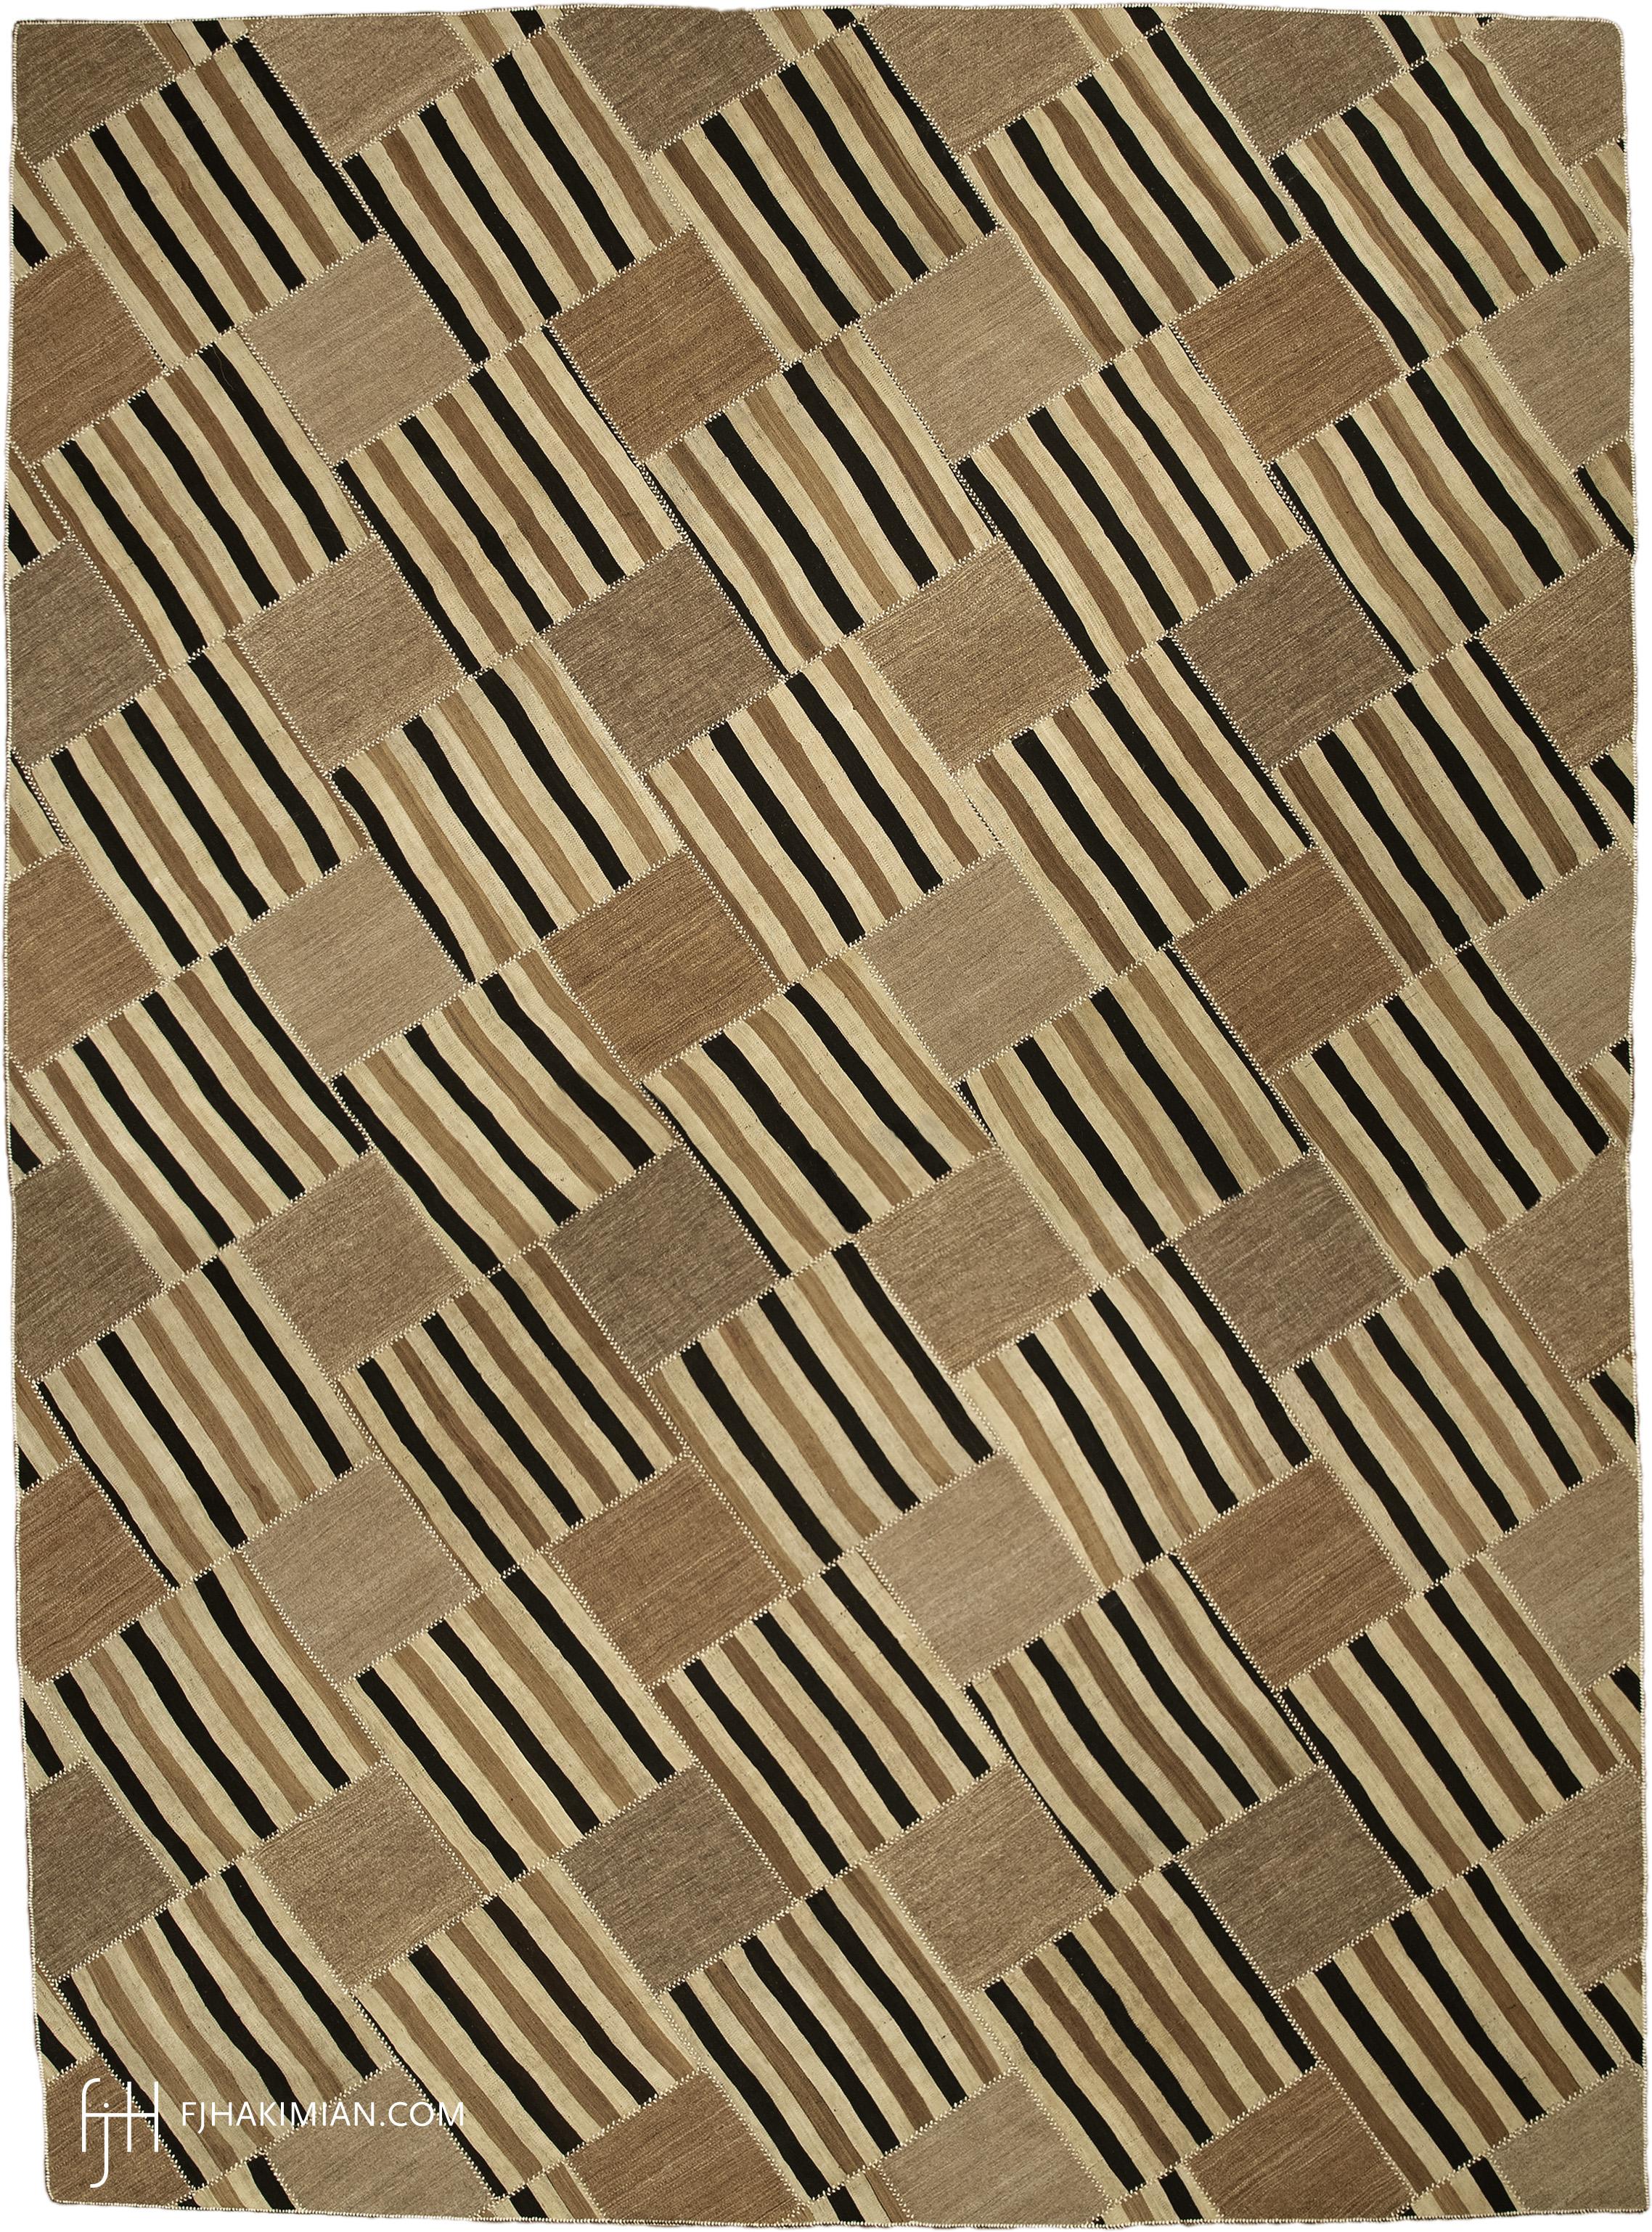 FJ Hakimian | 23216 | Vintage Carpet